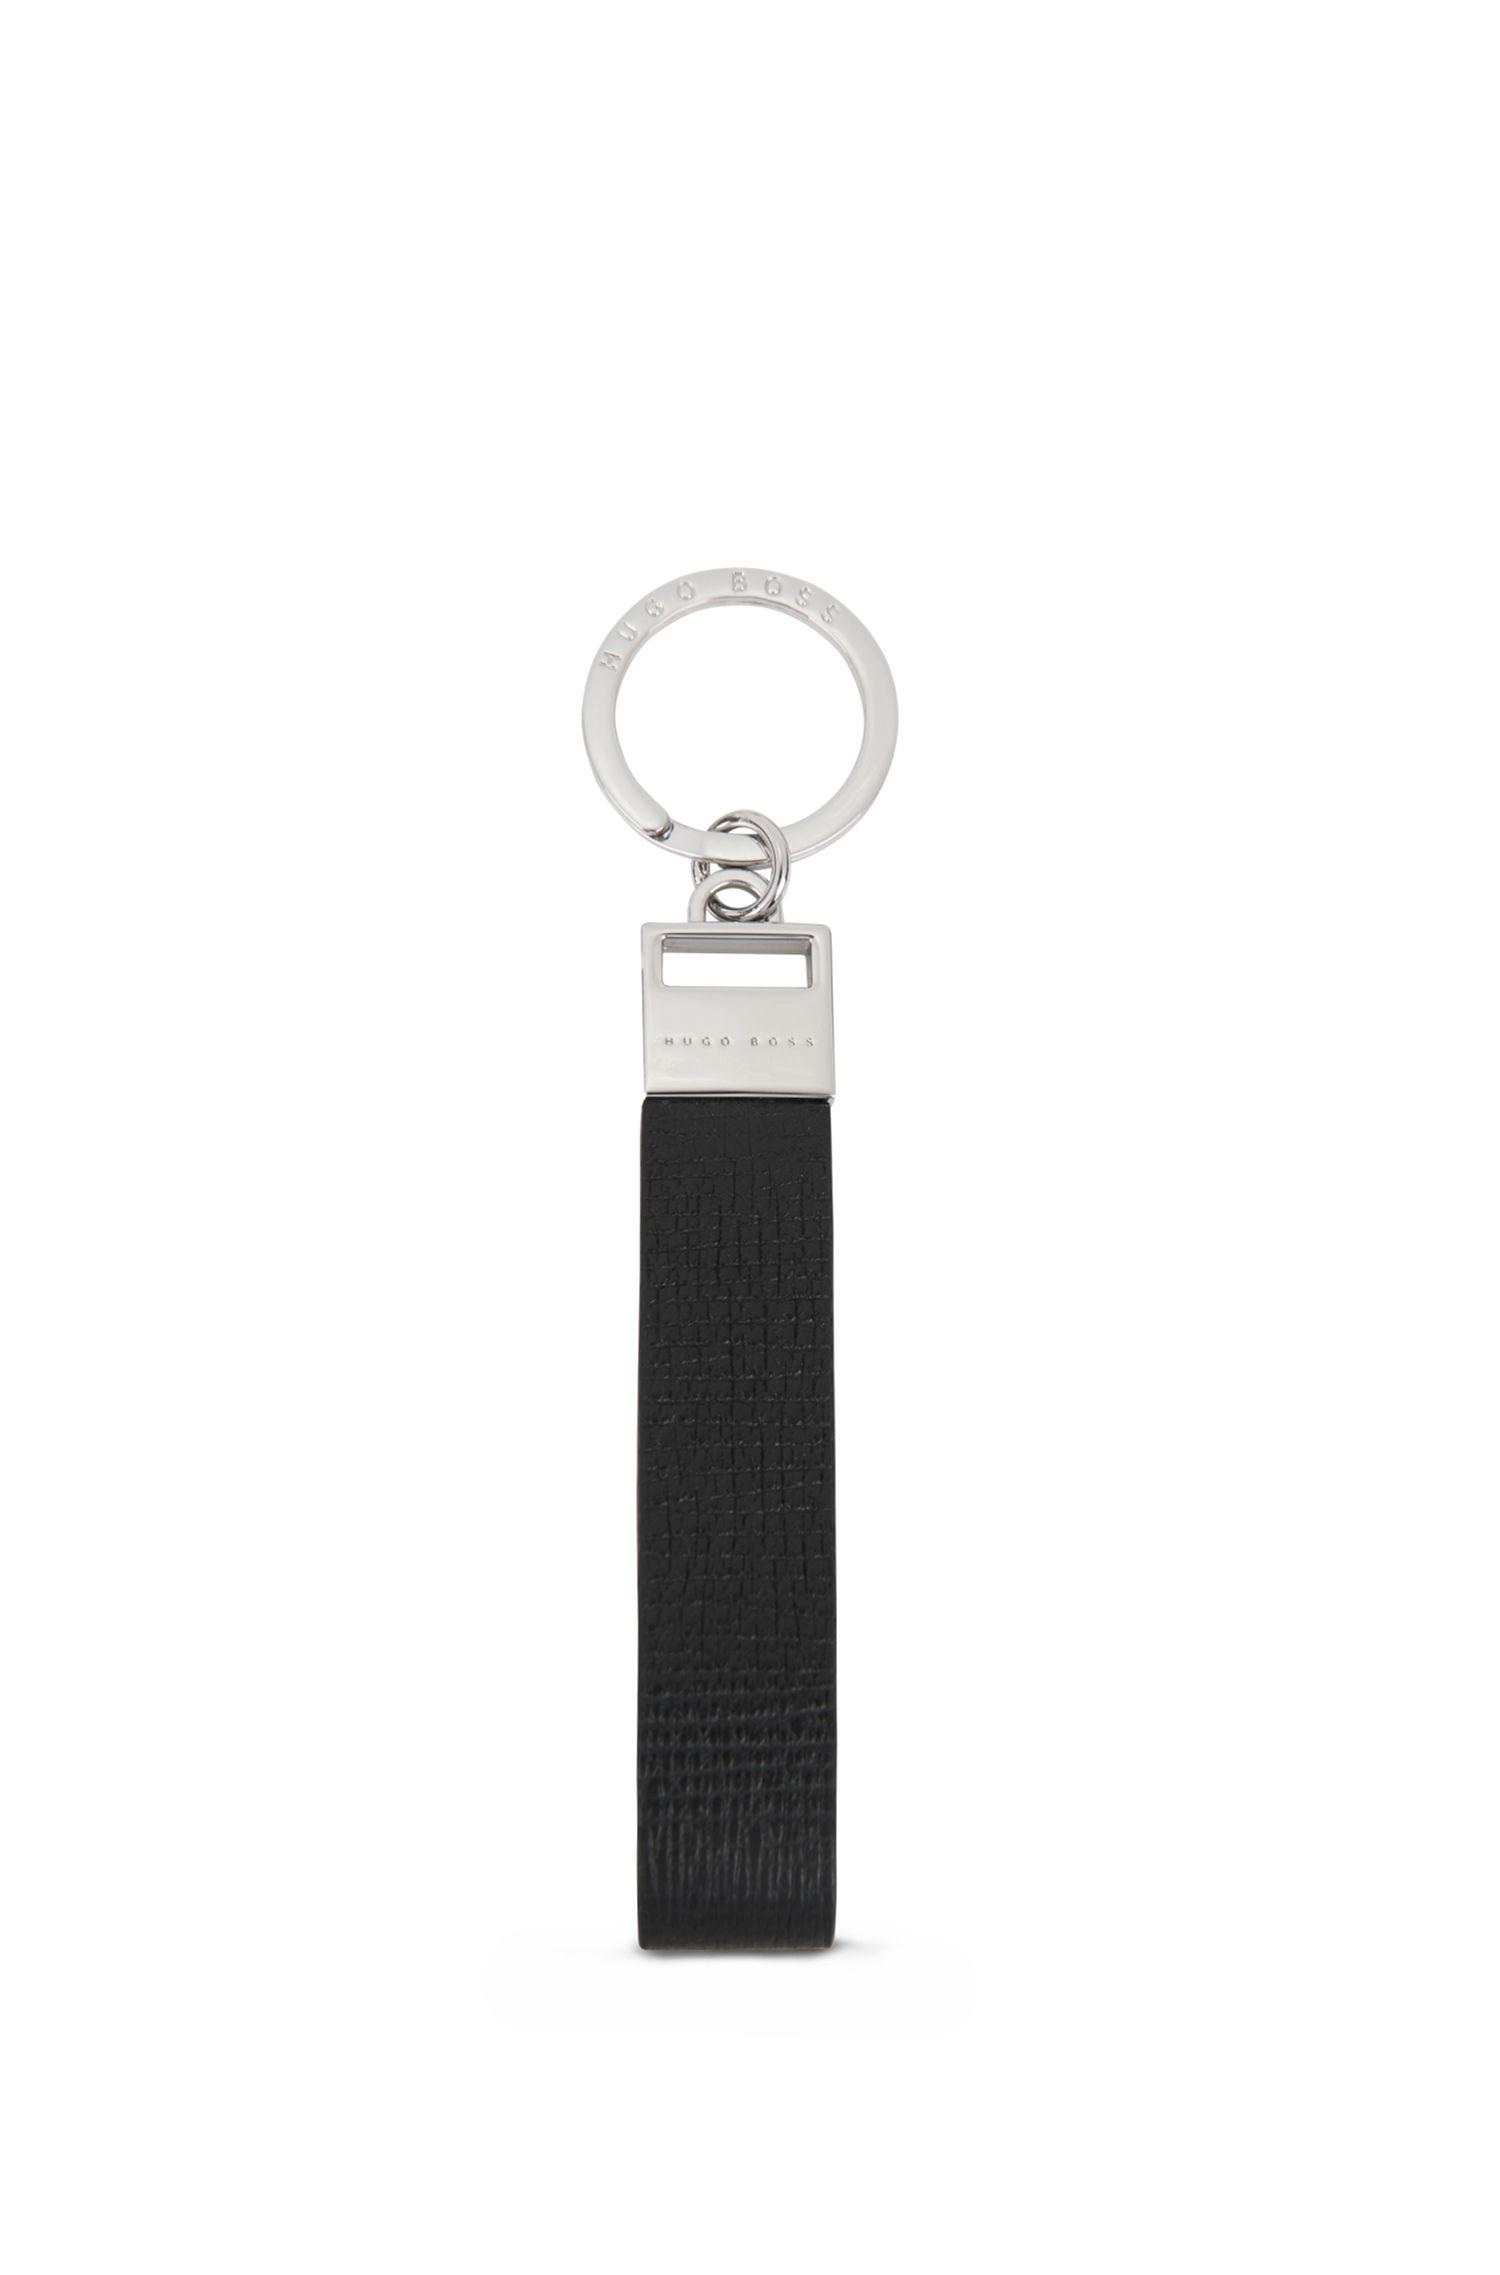 Schlüsselanhänger aus bedrucktem Leder